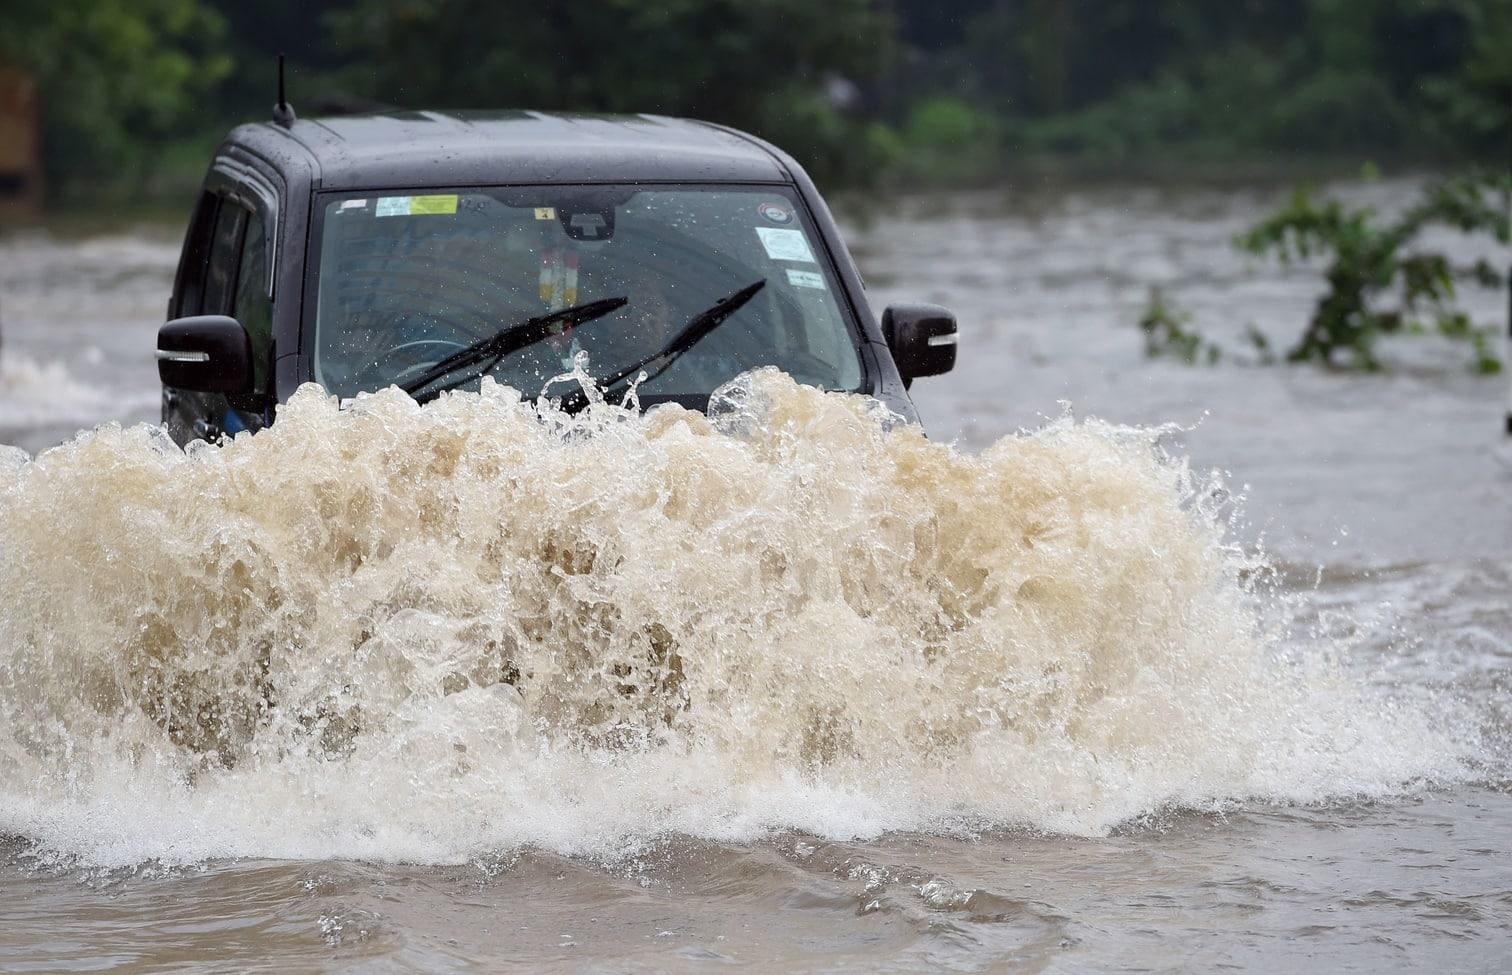 <p>Nach tagelangem Monsunregen in großen Teilen des Inselstaates wurde am Mittwoch im nordwestlichen Bezirk Puttalam ein Angler von einem Blitz getroffen und ein Jugendlicher von den Fluten mitgerissen